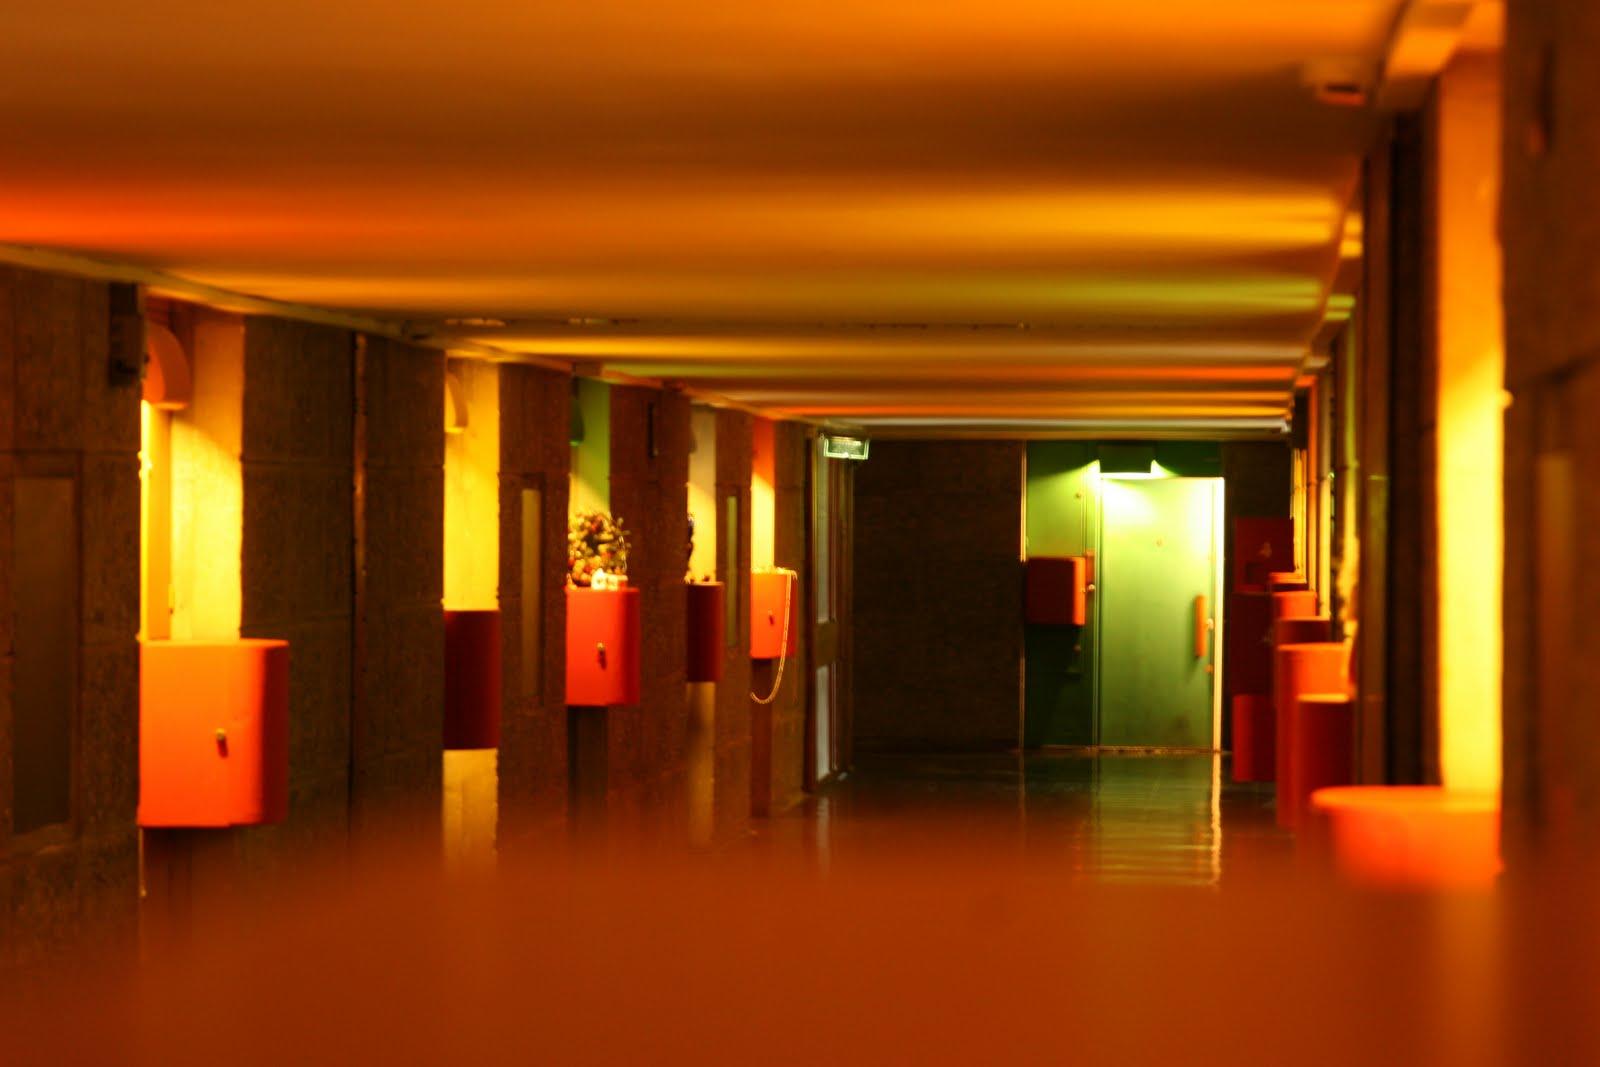 mjc 39 est voir cit radieuse by lecorbusier marseille. Black Bedroom Furniture Sets. Home Design Ideas